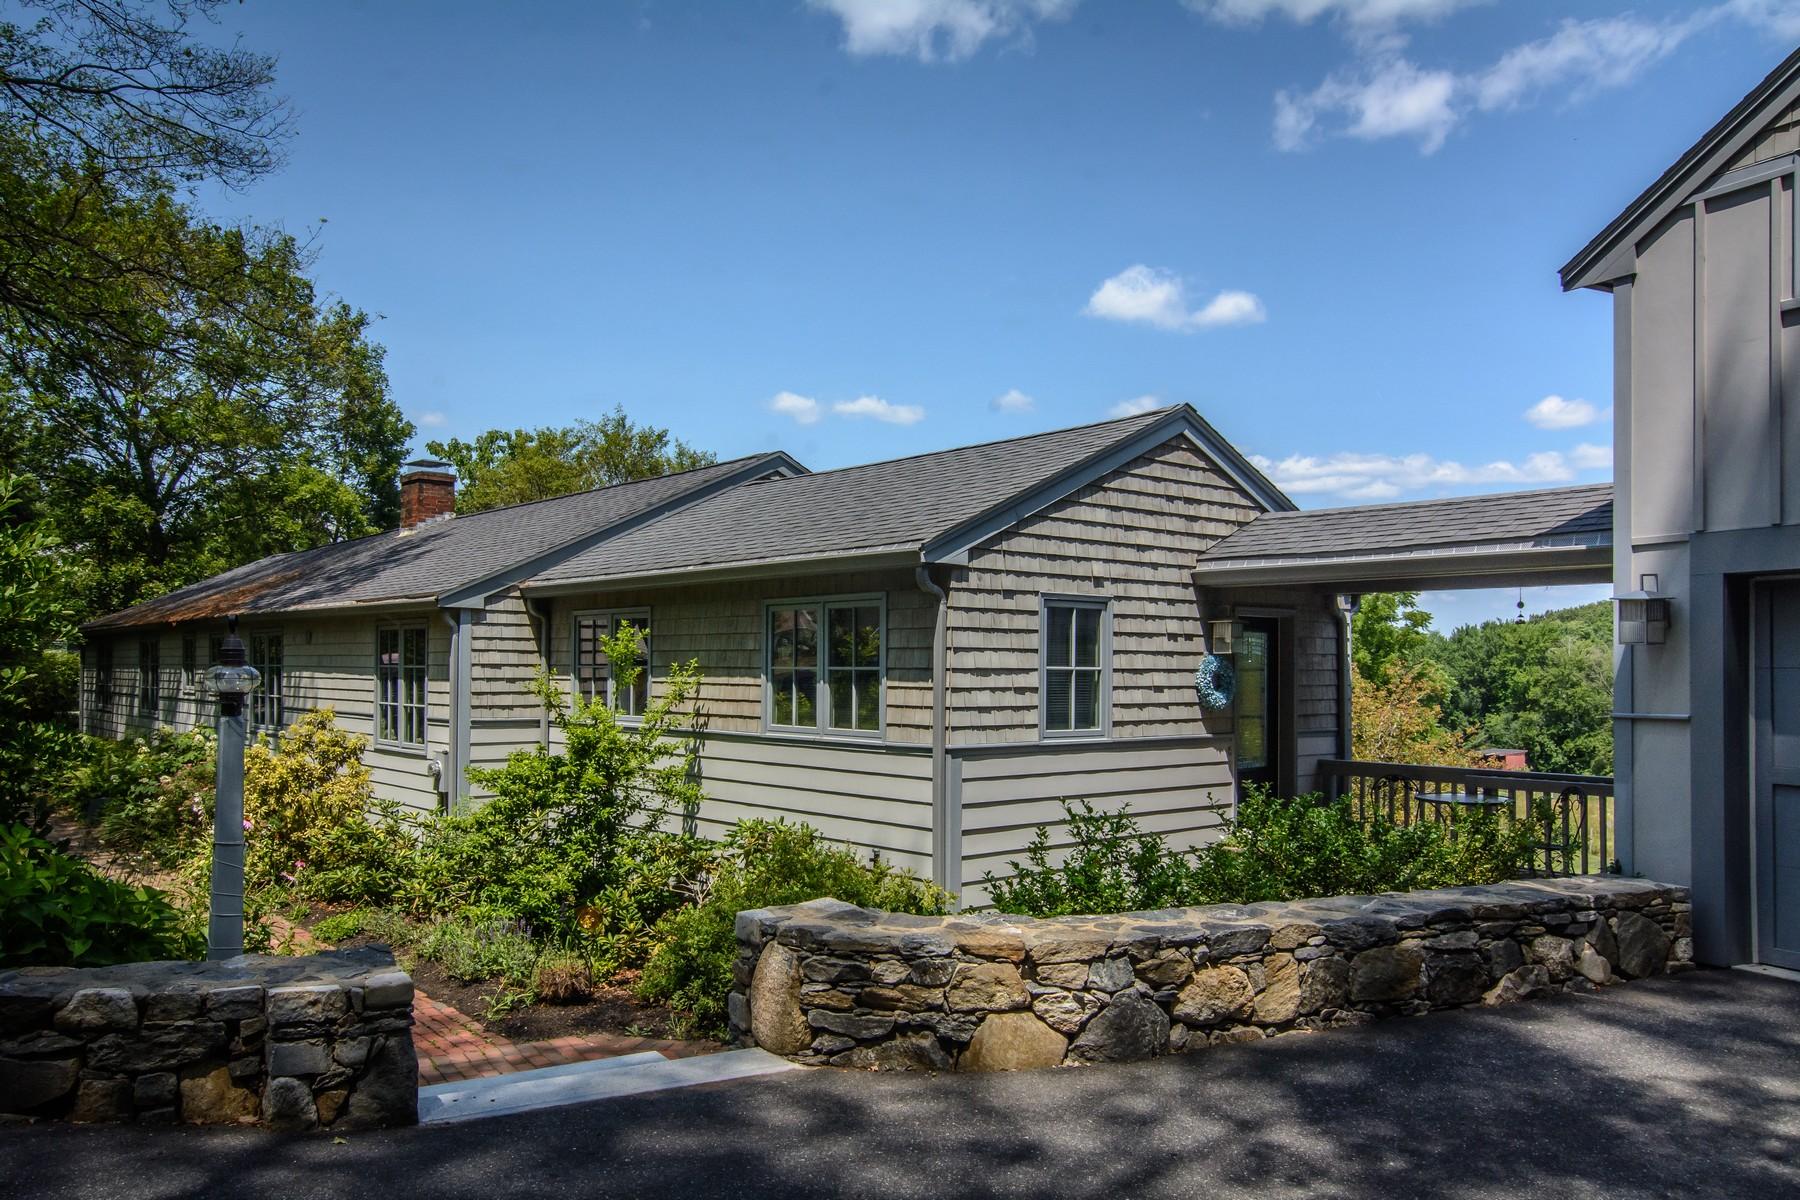 Einfamilienhaus für Verkauf beim Architect-designed Contemporary Farmhouse Ranch 26 Chestnut Street Westborough, Massachusetts, 01581 Vereinigte Staaten